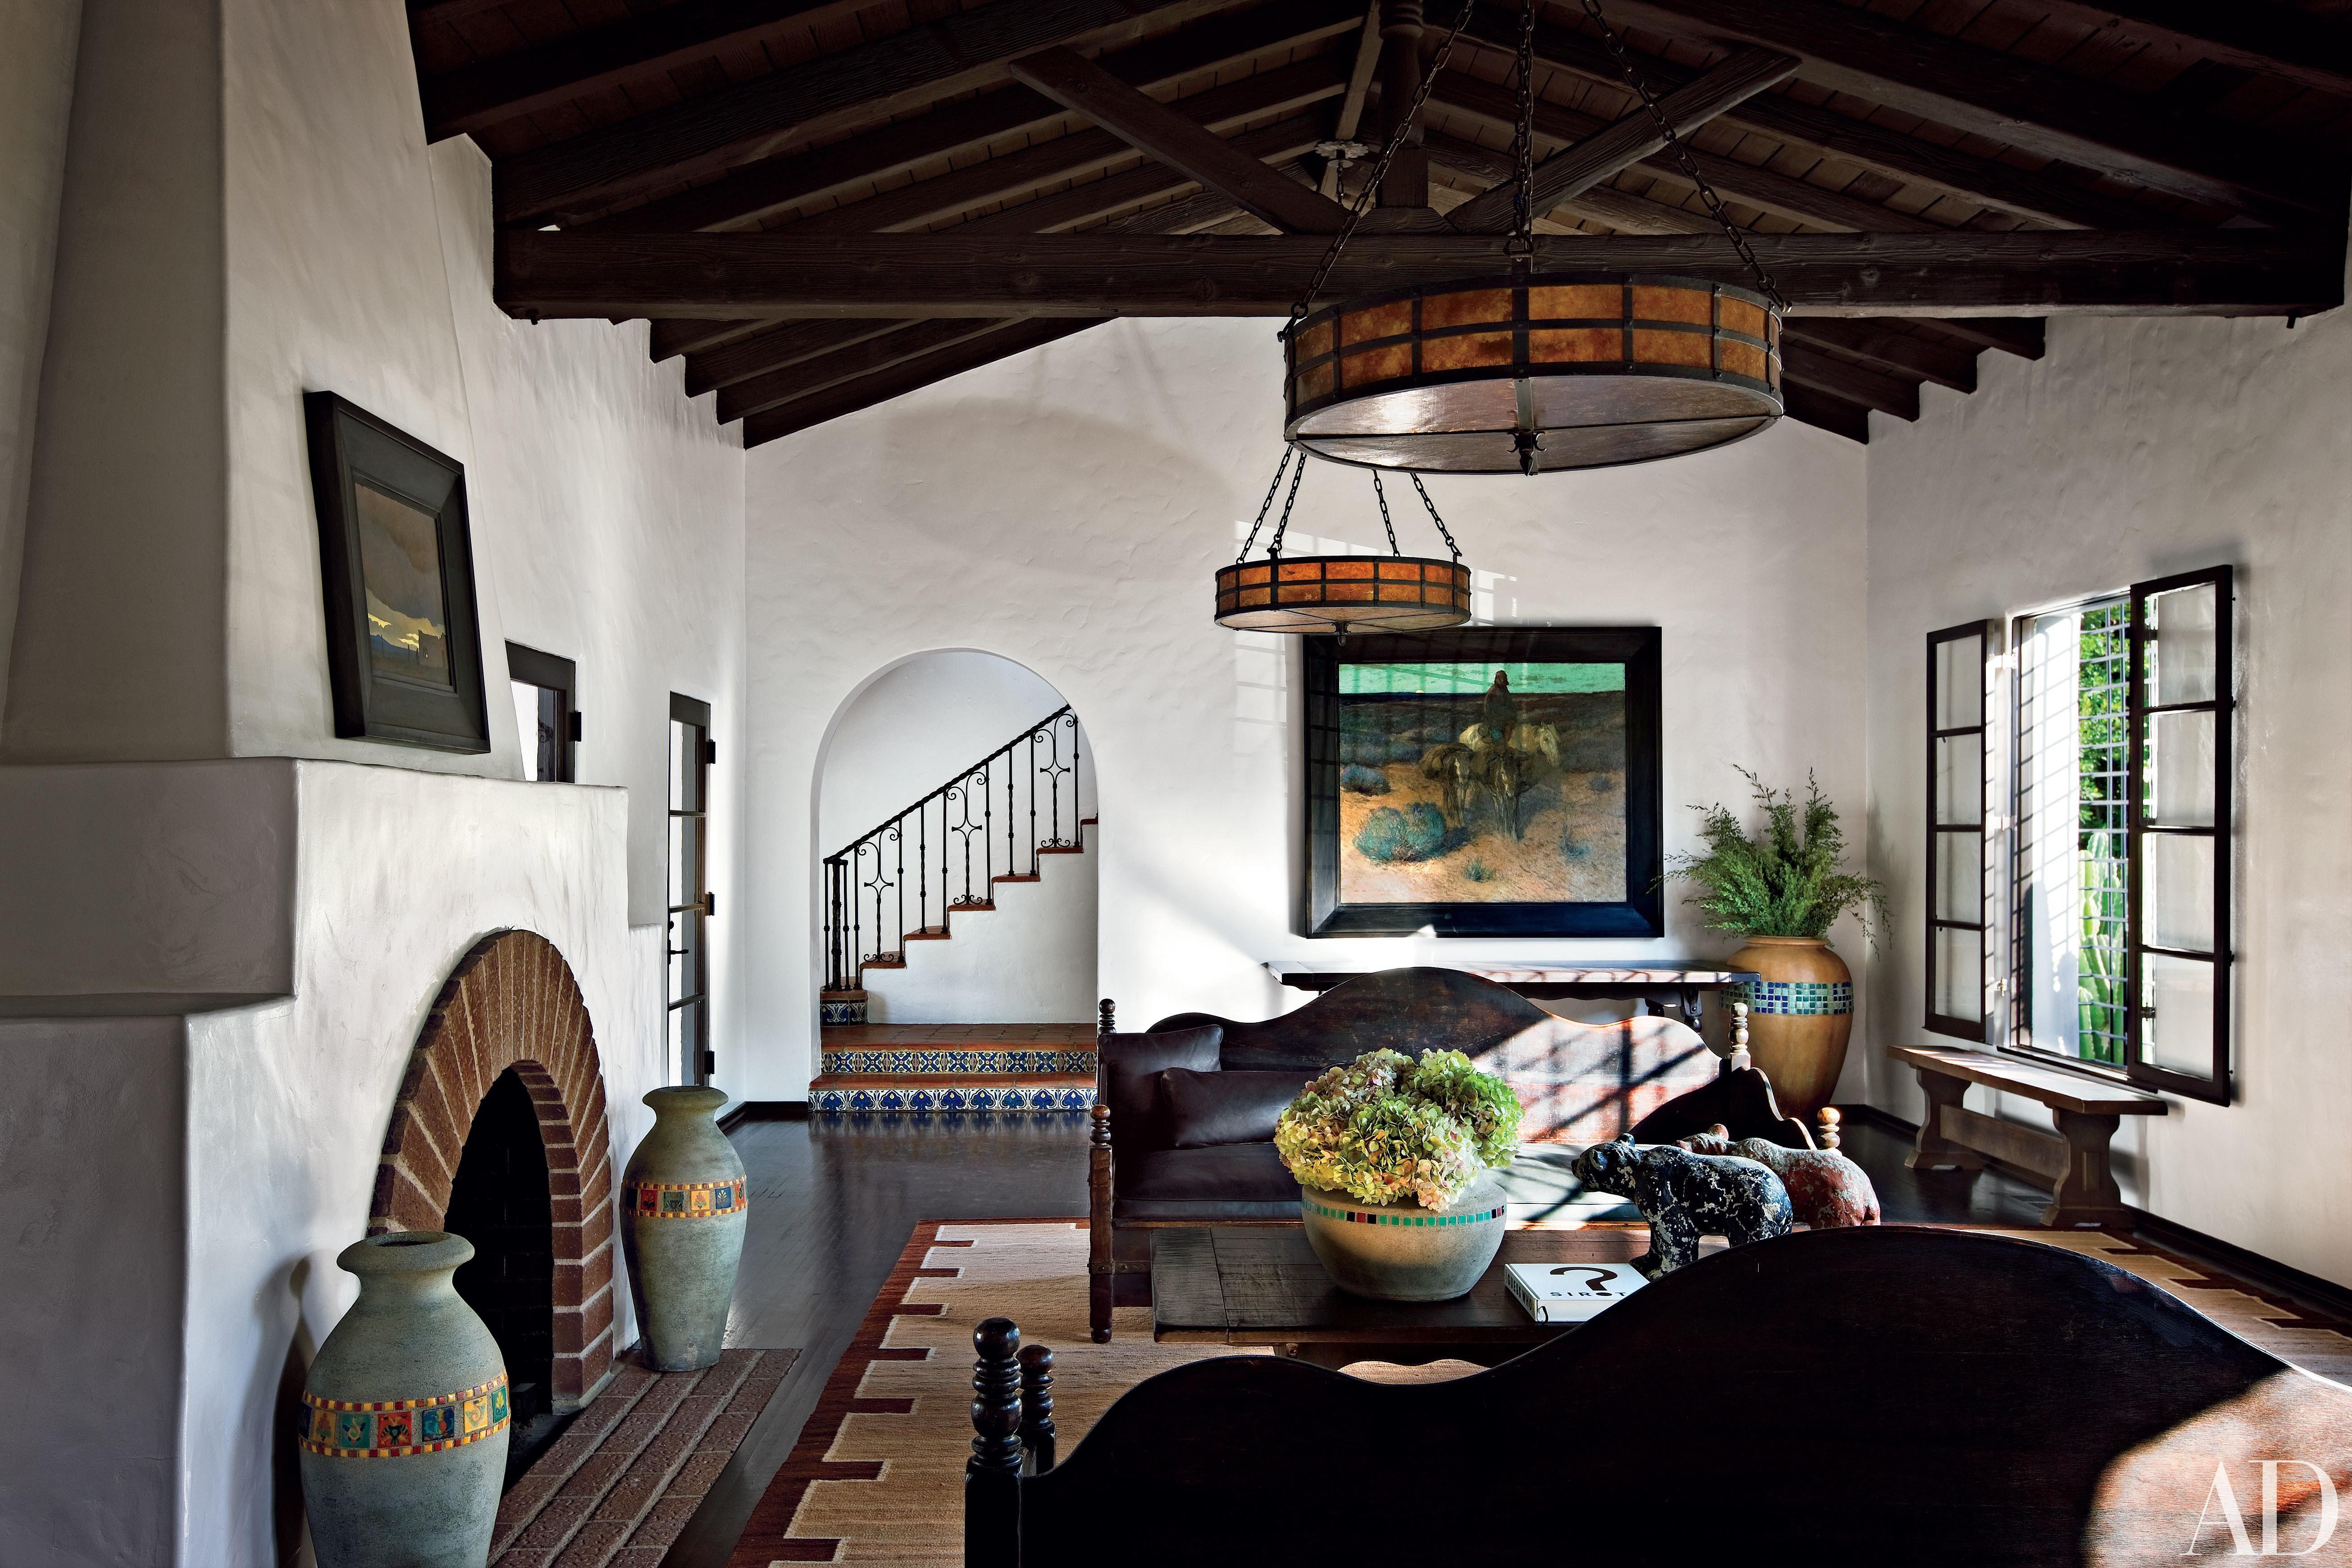 Take A Peek Inside 25 Living Rooms In Actors Homes Spanish Style Homes Spanish Style Interiors Spanish Colonial Homes #spanish #colonial #living #room